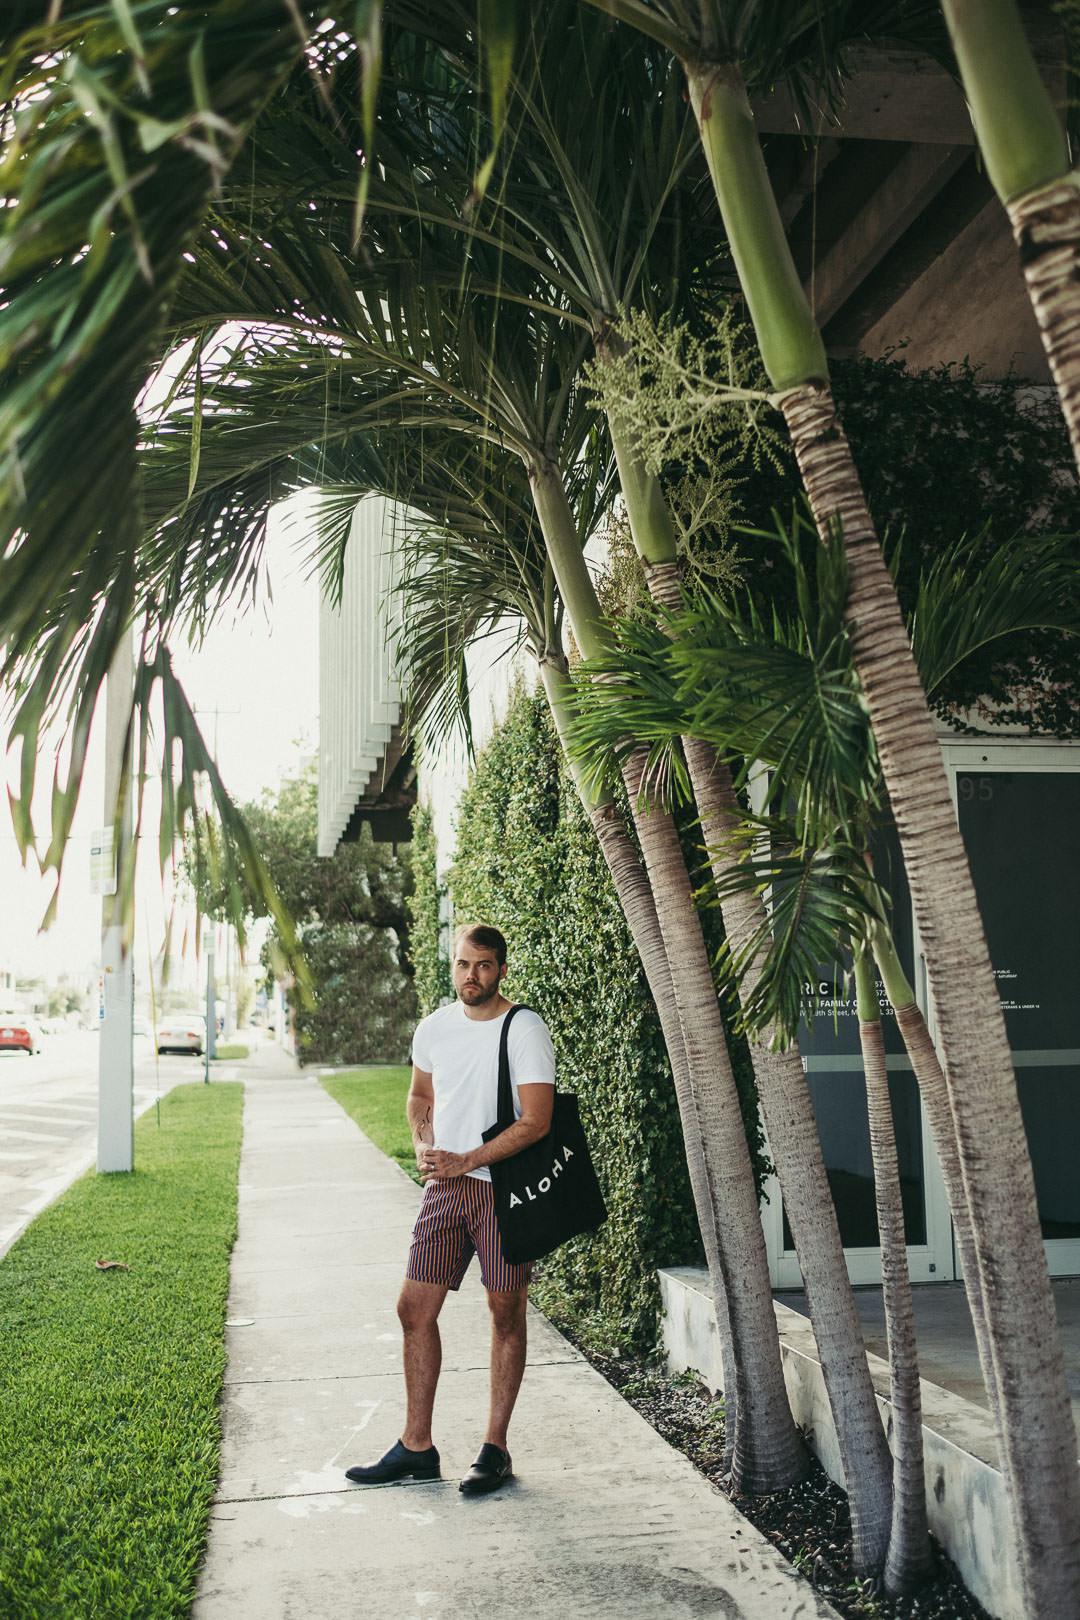 20180804_Miami City Guide - Ali Happer Photo_42.jpg